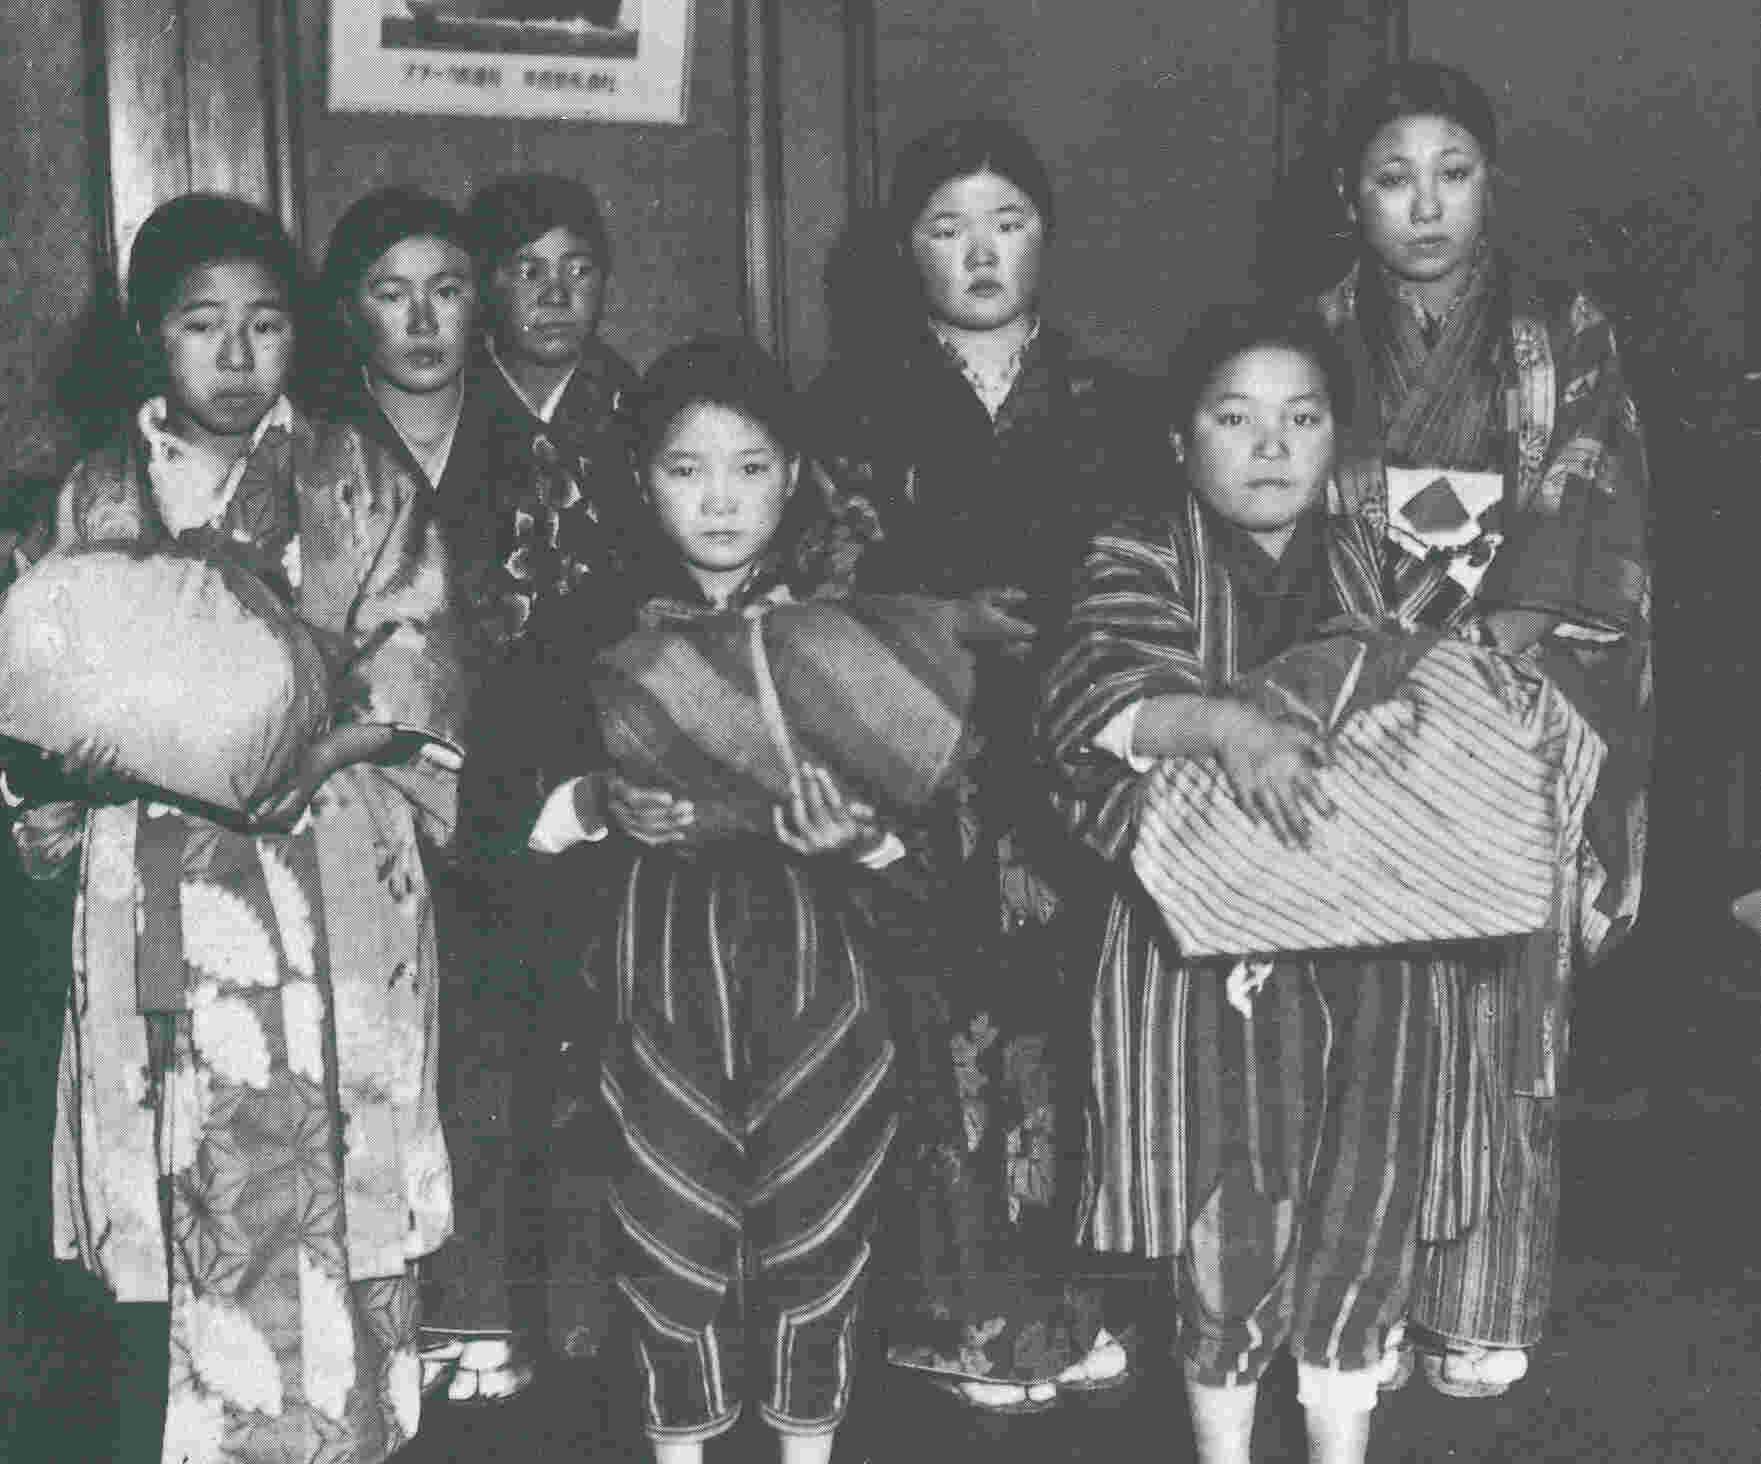 昭和初期の全裸 ... 身売りされ救世軍に引き取られた子供達